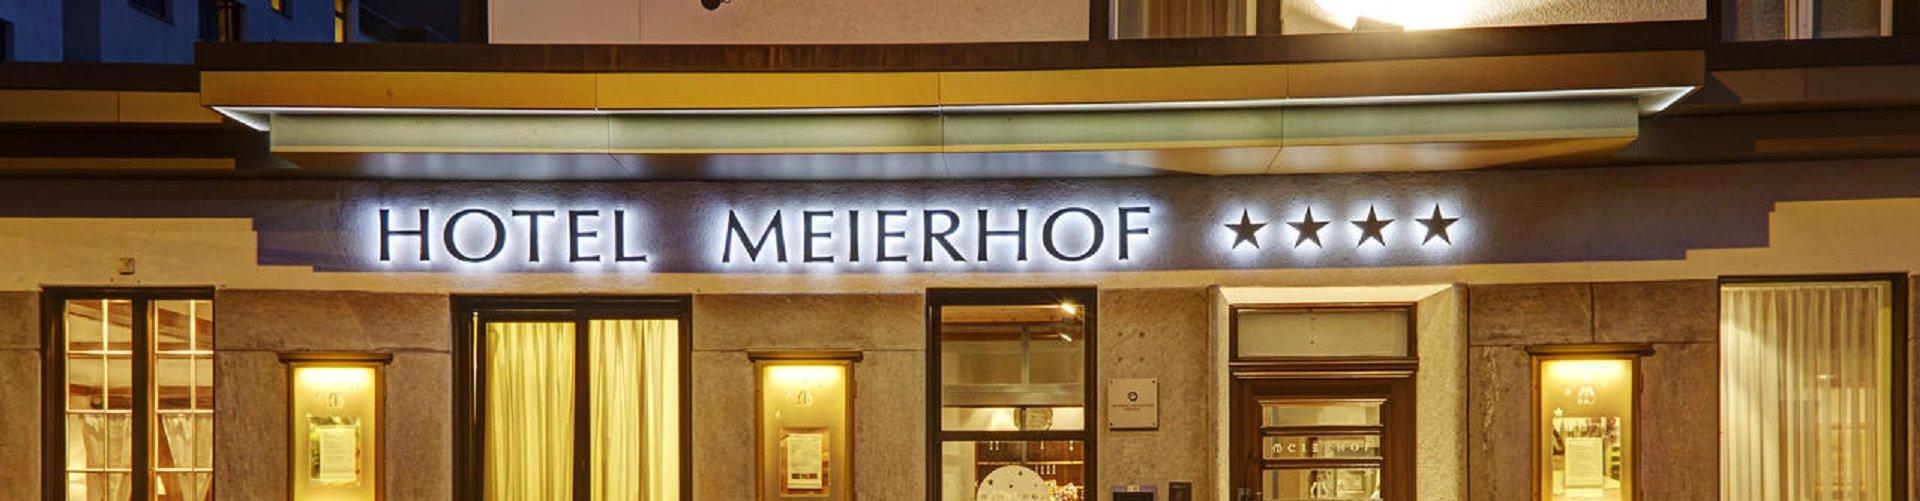 Bannerfoto Meierhof